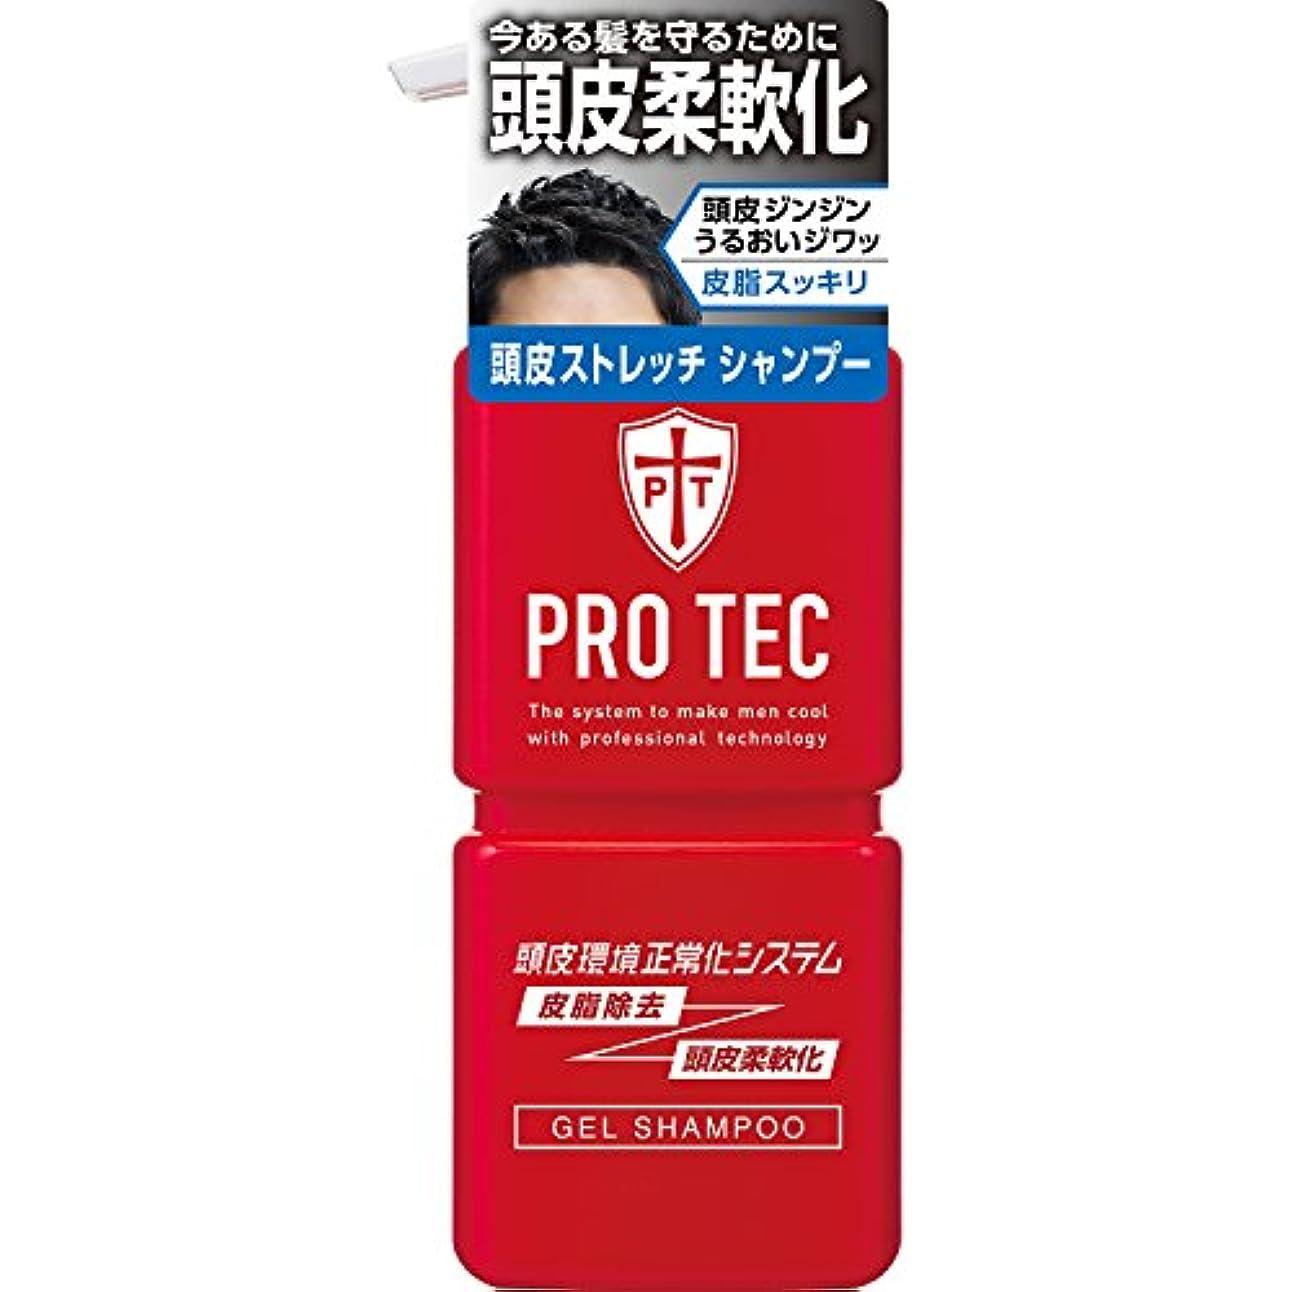 インサート請う種PRO TEC(プロテク) 頭皮ストレッチ シャンプー 本体ポンプ 300g(医薬部外品)